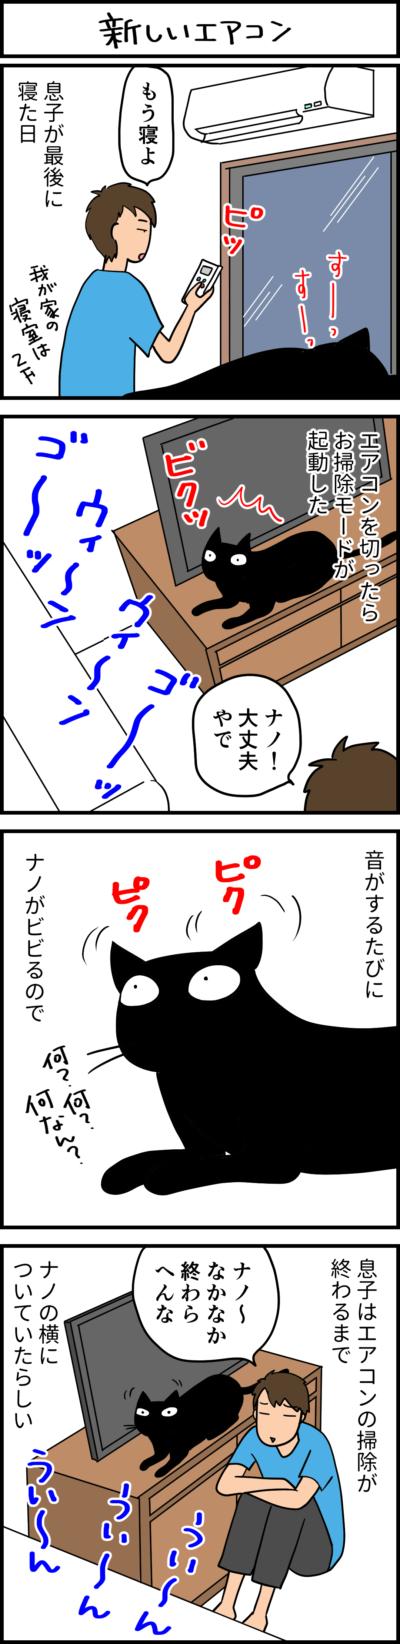 新しいエアコンに猫が反応する4コマ猫漫画